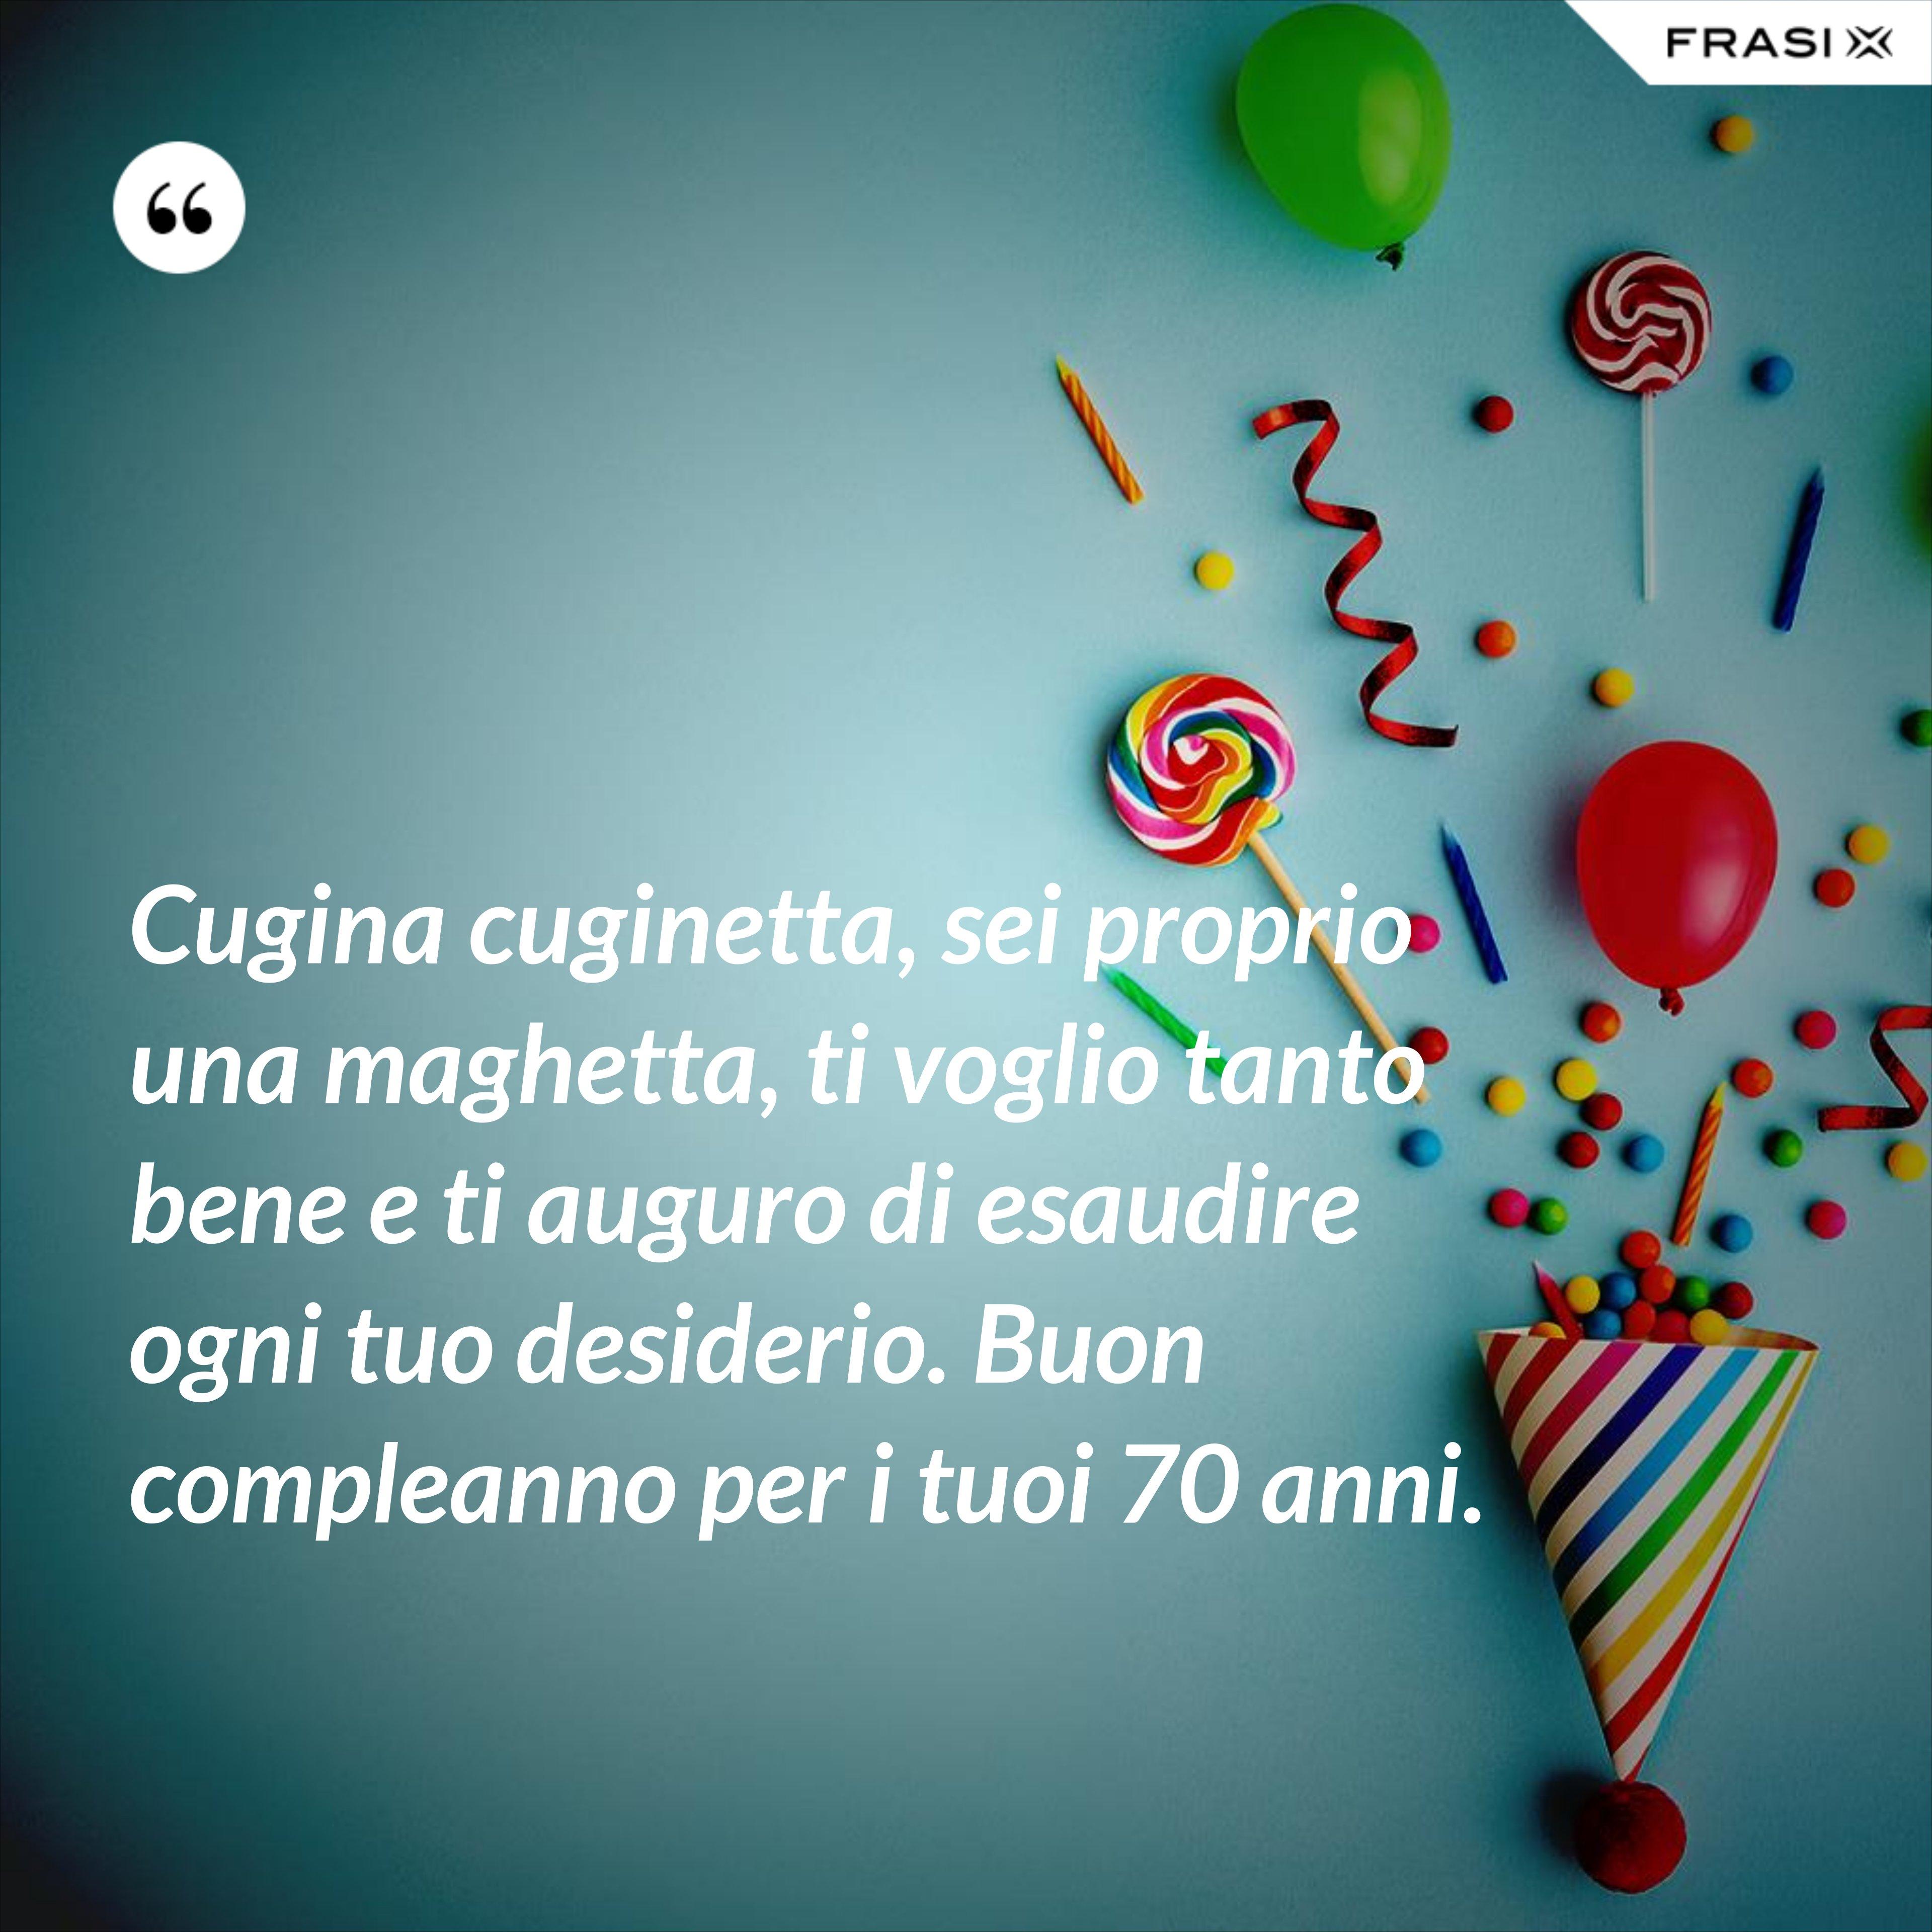 Le frasi di Buon Compleanno per i 20 anni più belle da dedicare